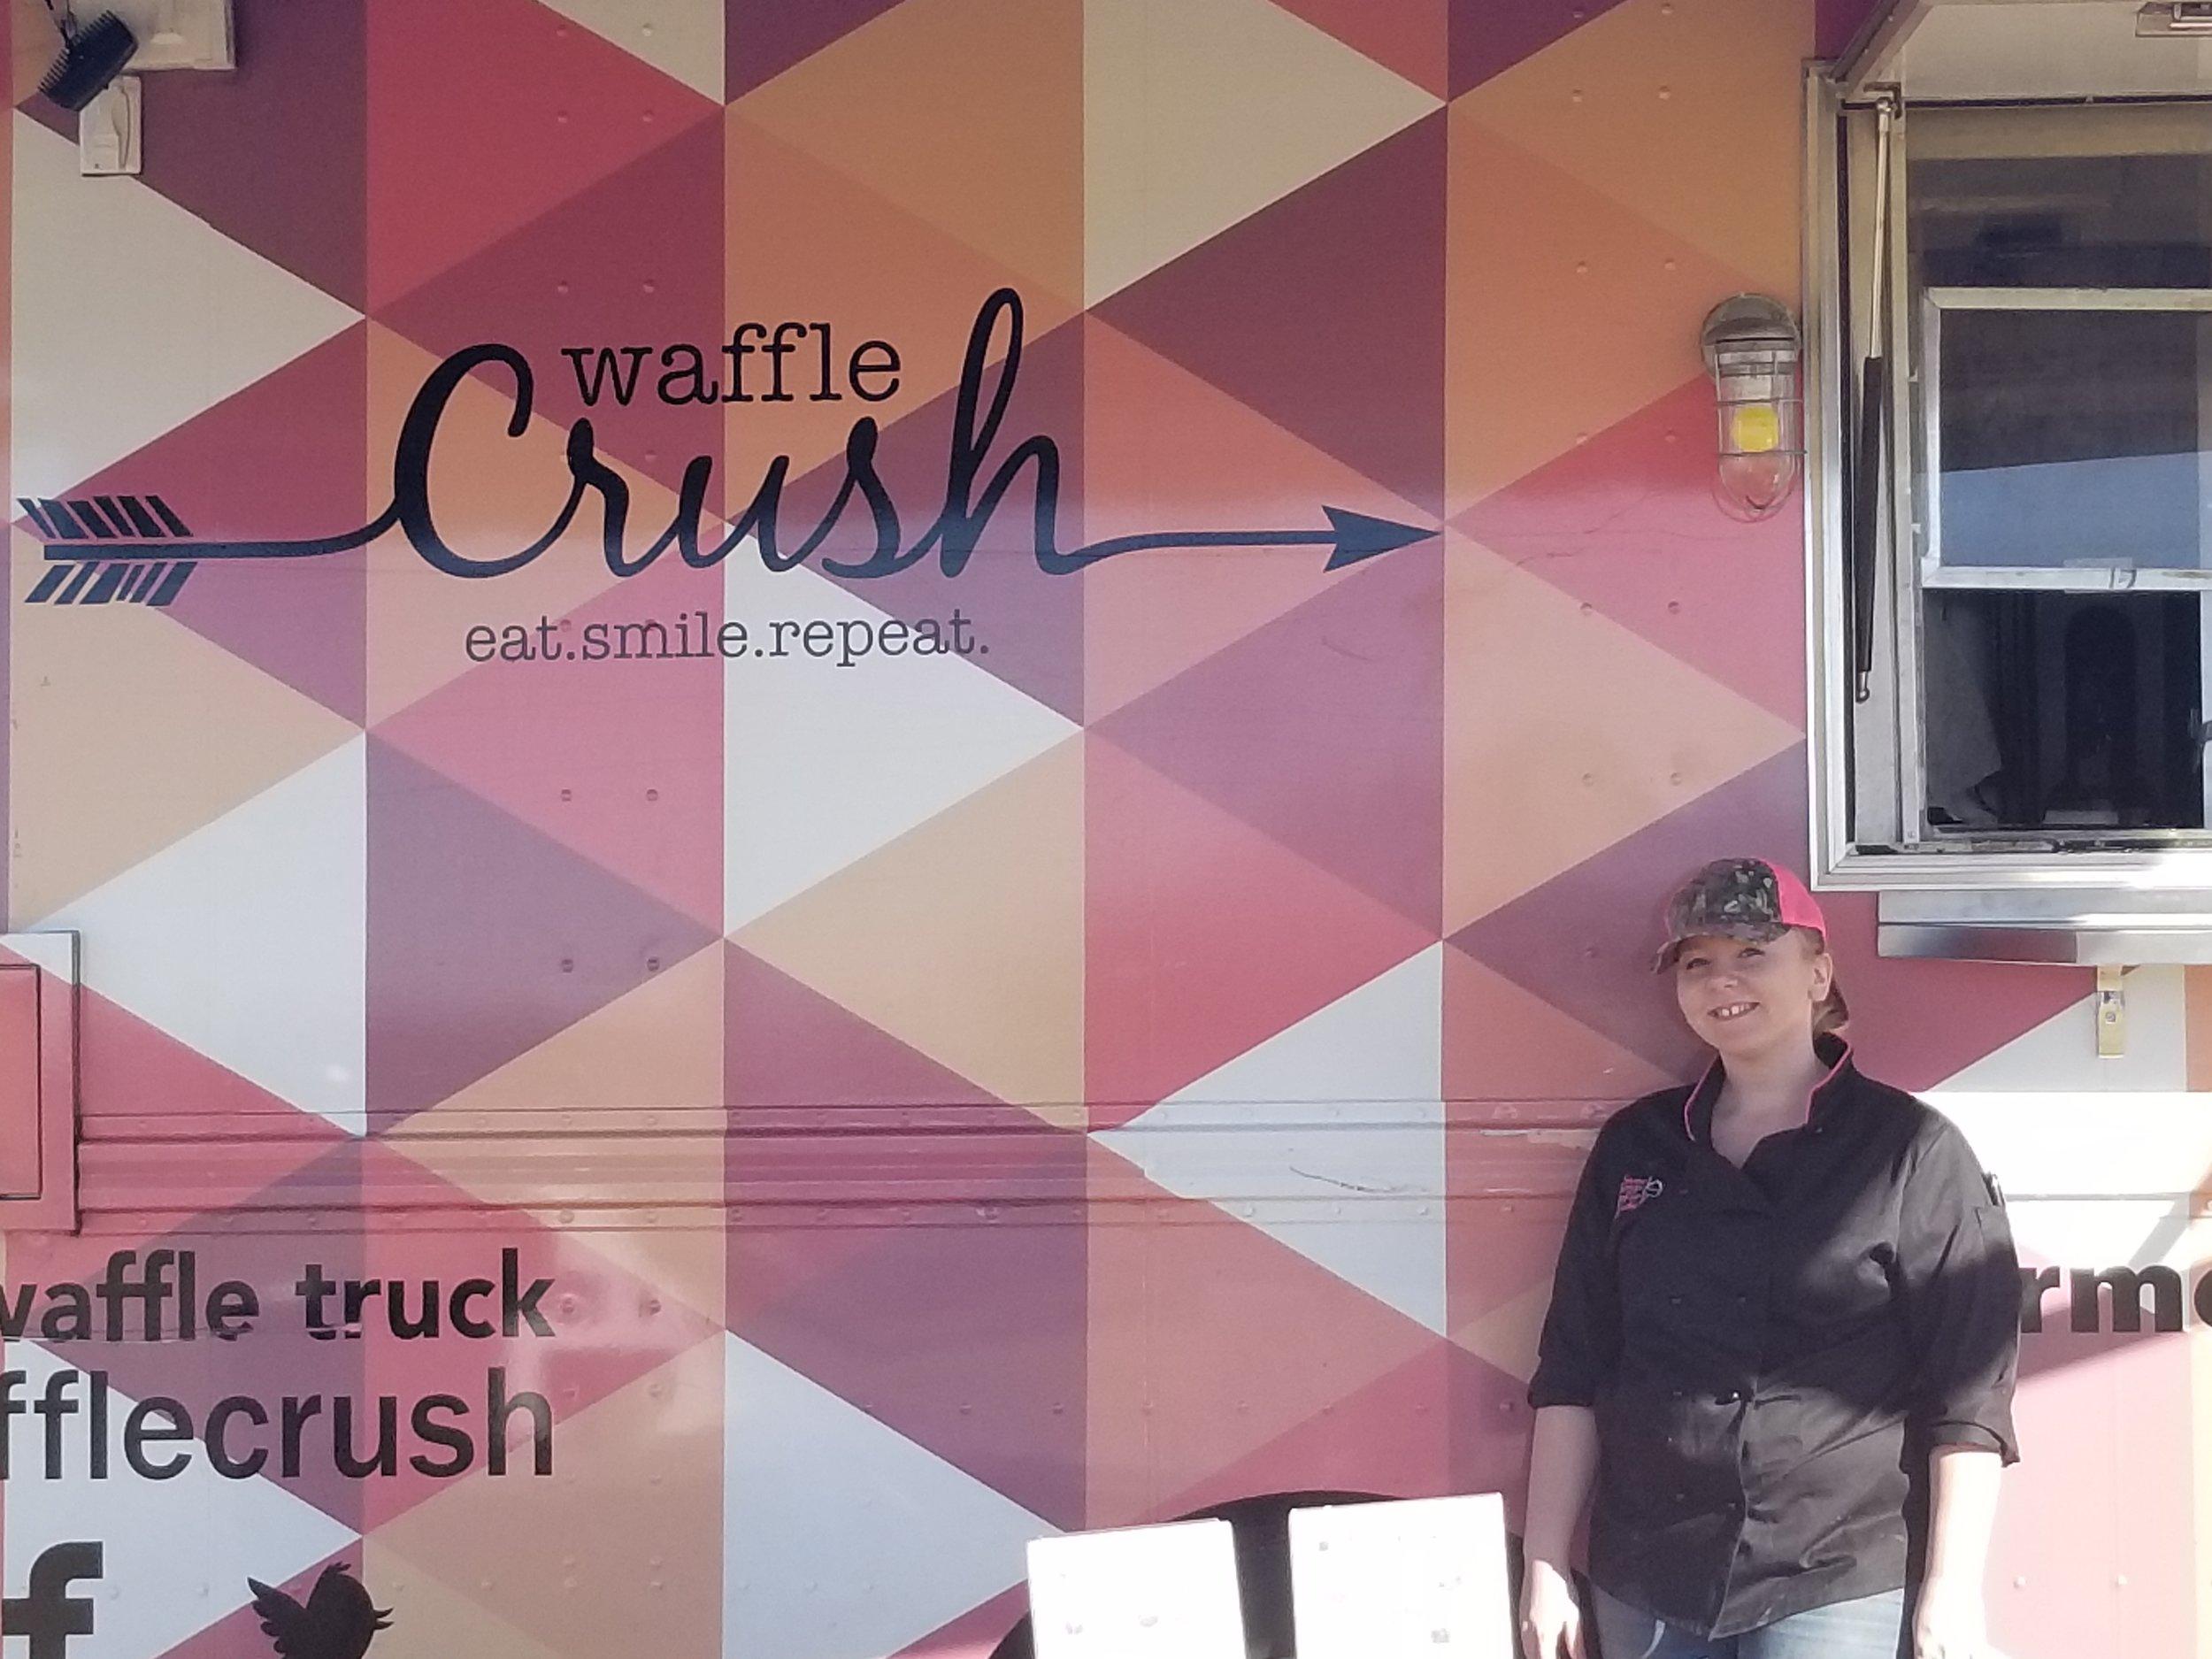 Waffle Crush Ariana.jpg